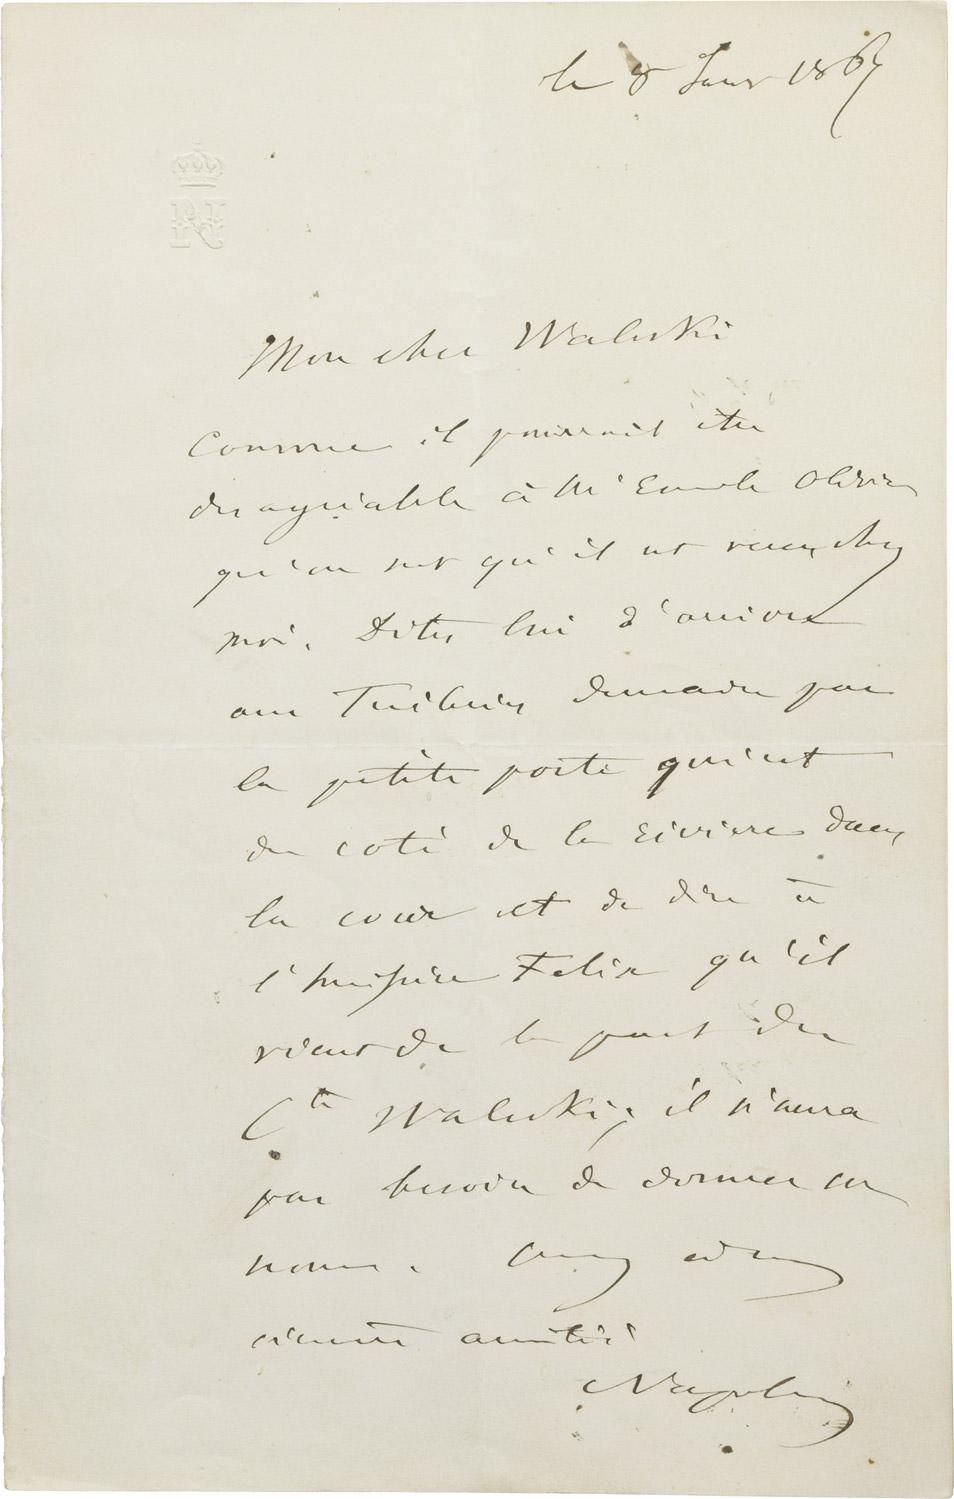 Lettre de Napoléon III à Alexandre I Walewski - Patrimoine Charles-André COLONNA WALEWSKI, en ligne directe de Napoléon